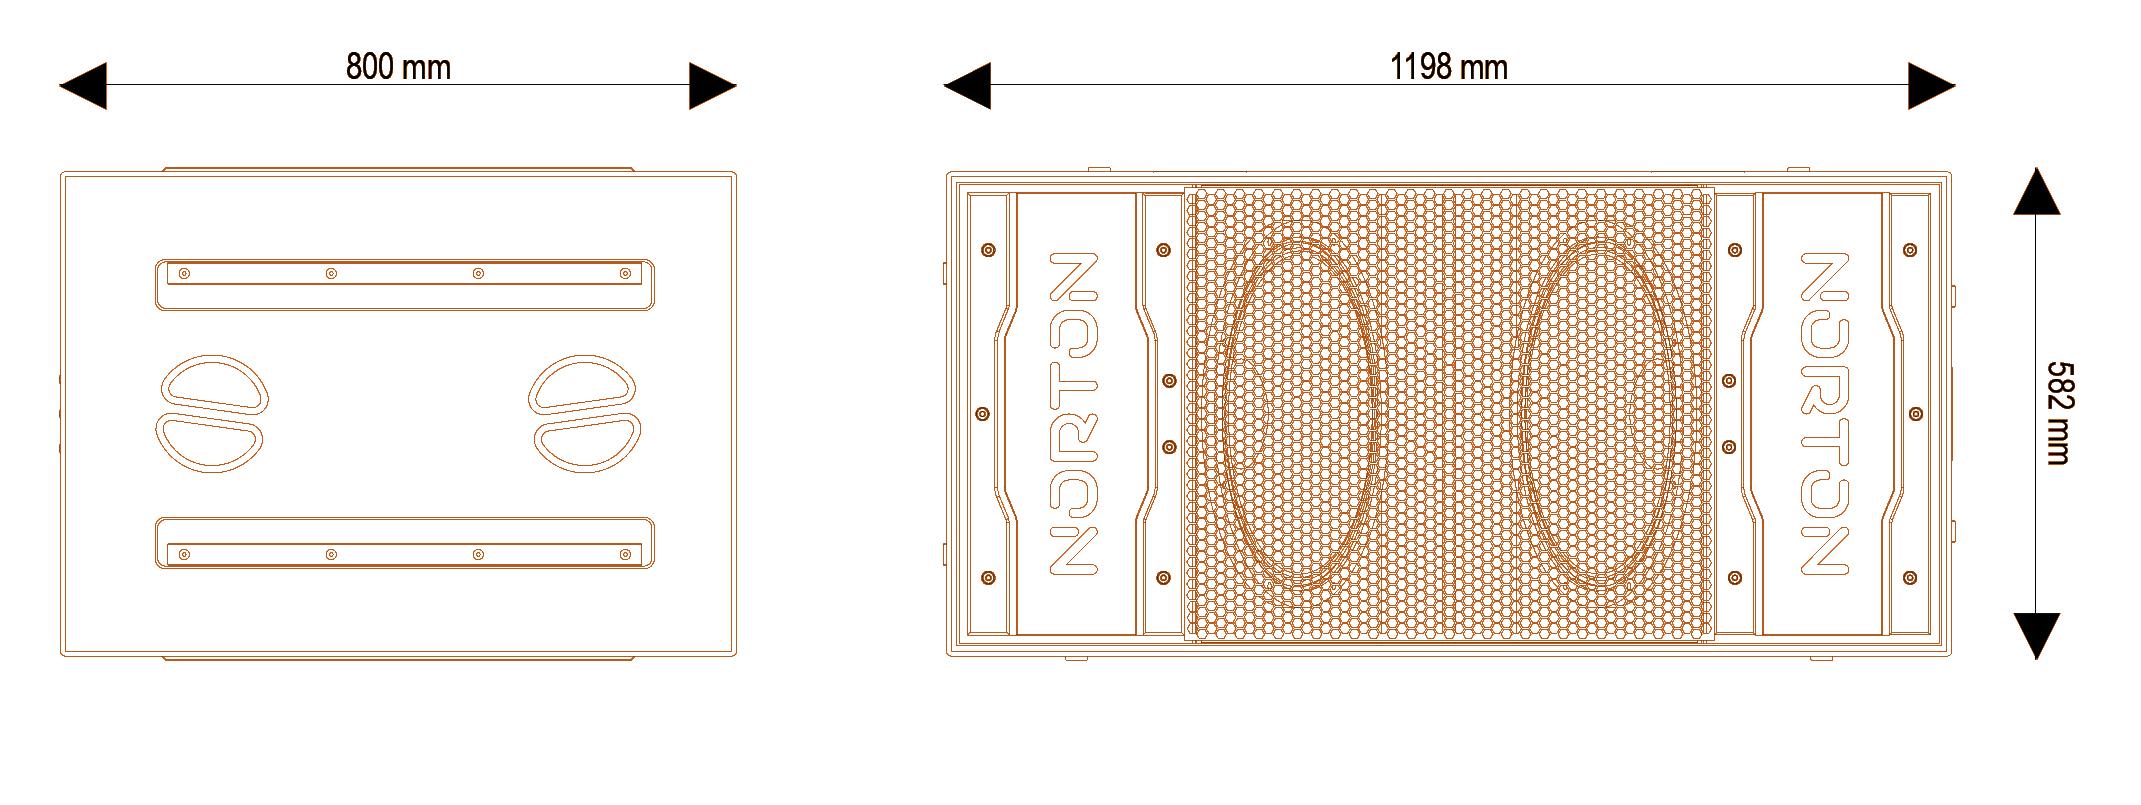 i218 from Norton Audio diagram